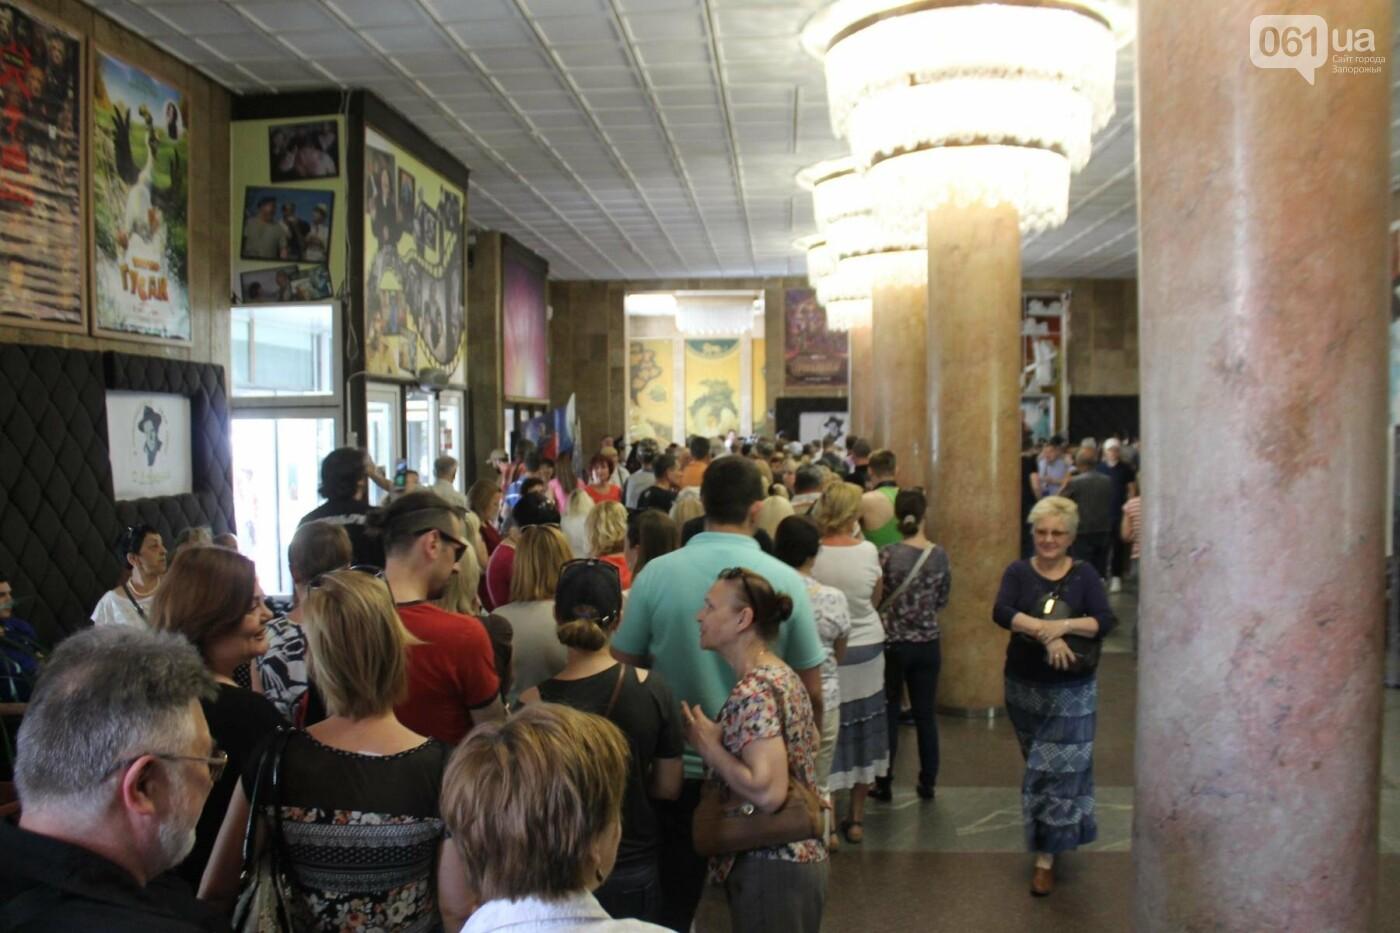 Как прошли общественные слушания о застройке сквера Яланского, – ФОТОРЕПОРТАЖ, фото-1